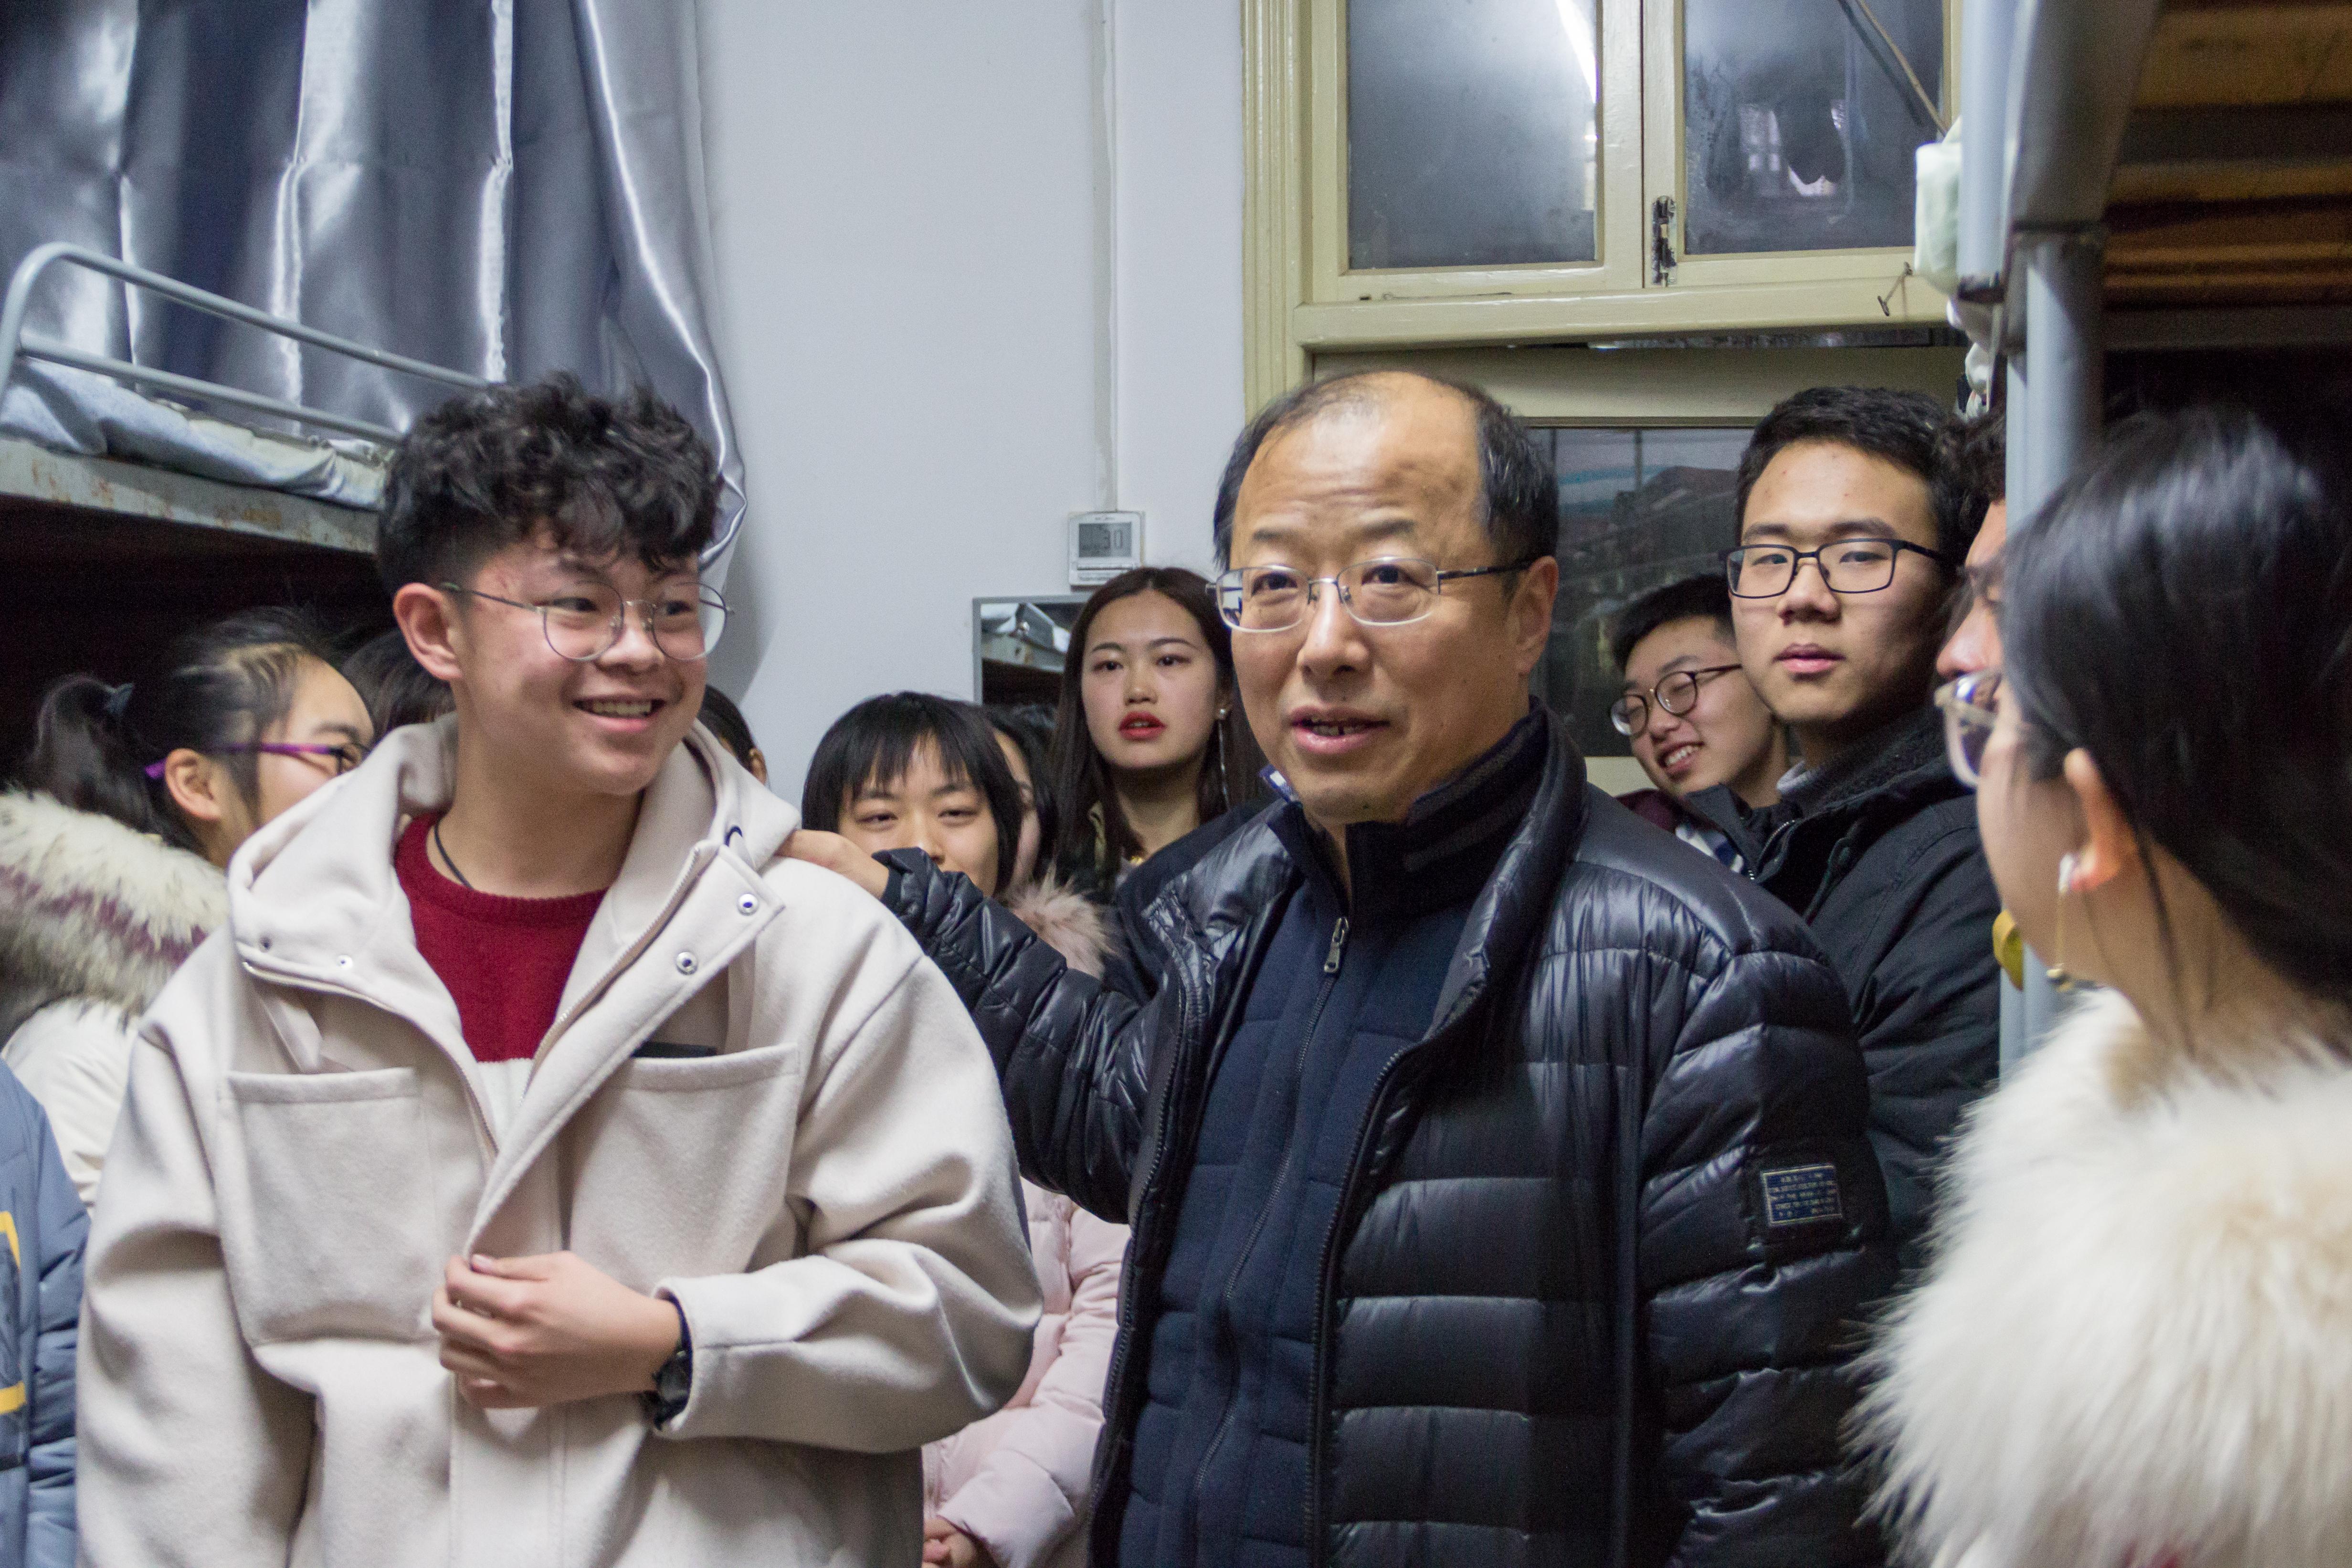 李召虎校长与学生交流【学通社记者 张睿言 摄】